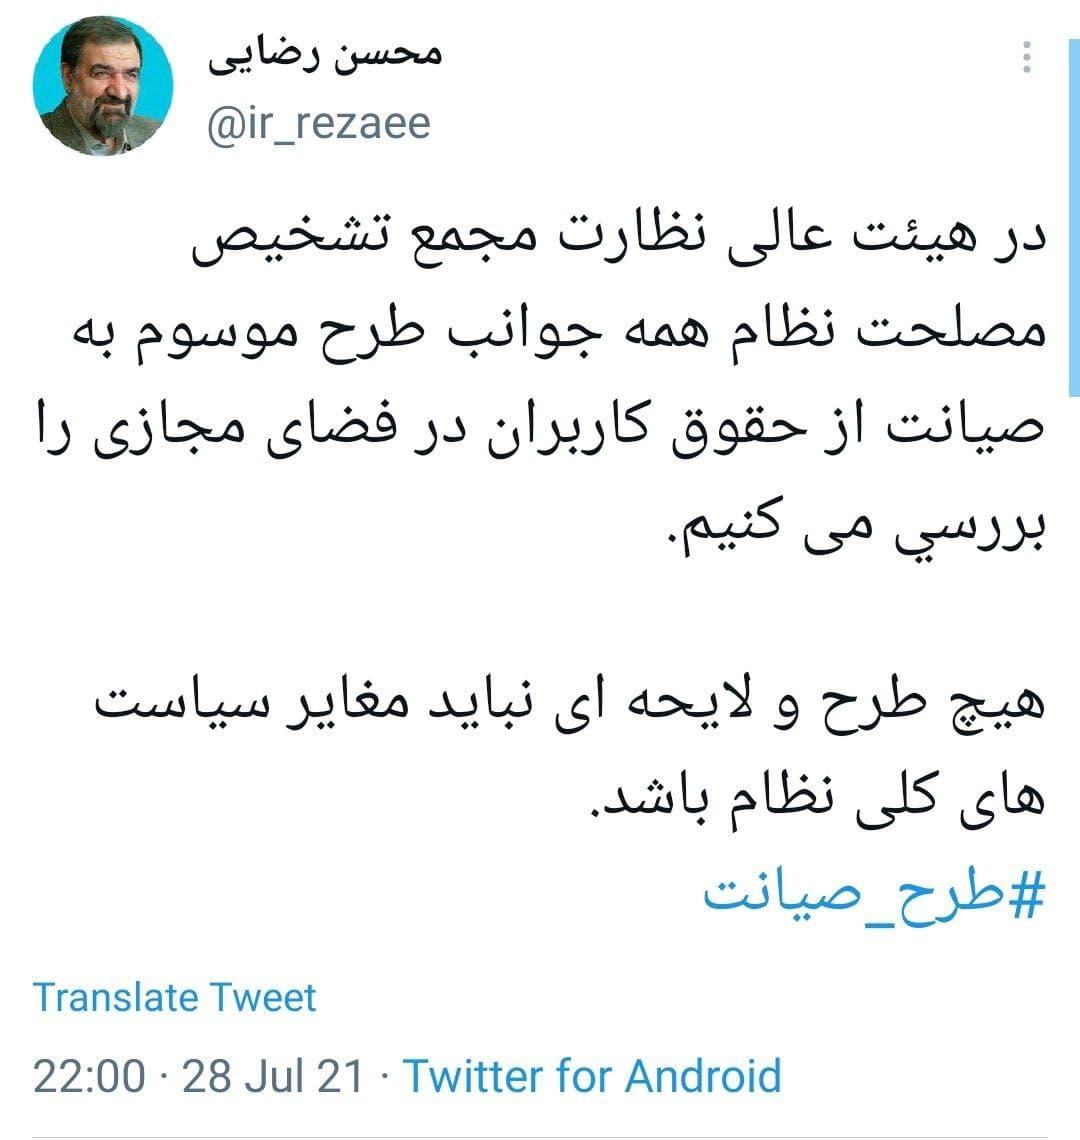 ورود هیات نظارت مجمع تشخیص به طرح مجلس درباره اینترنت